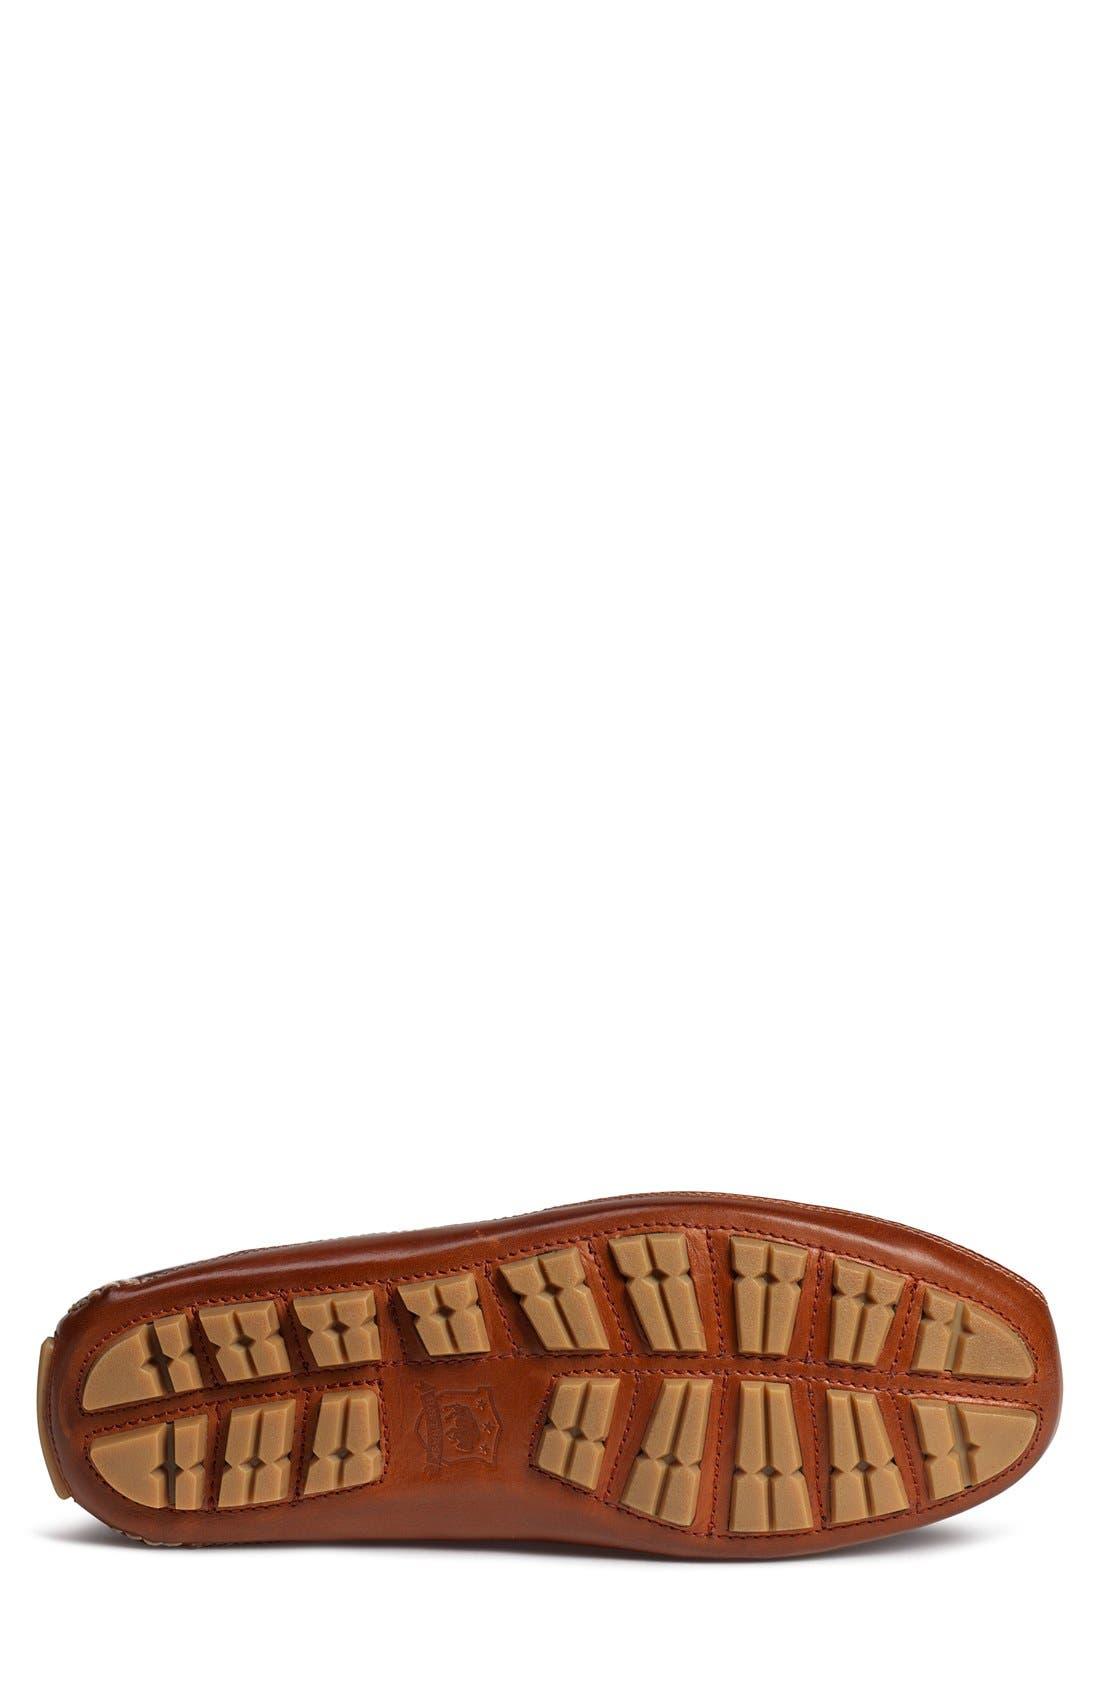 'Drake' Leather Driving Shoe,                             Alternate thumbnail 4, color,                             Saddle Tan